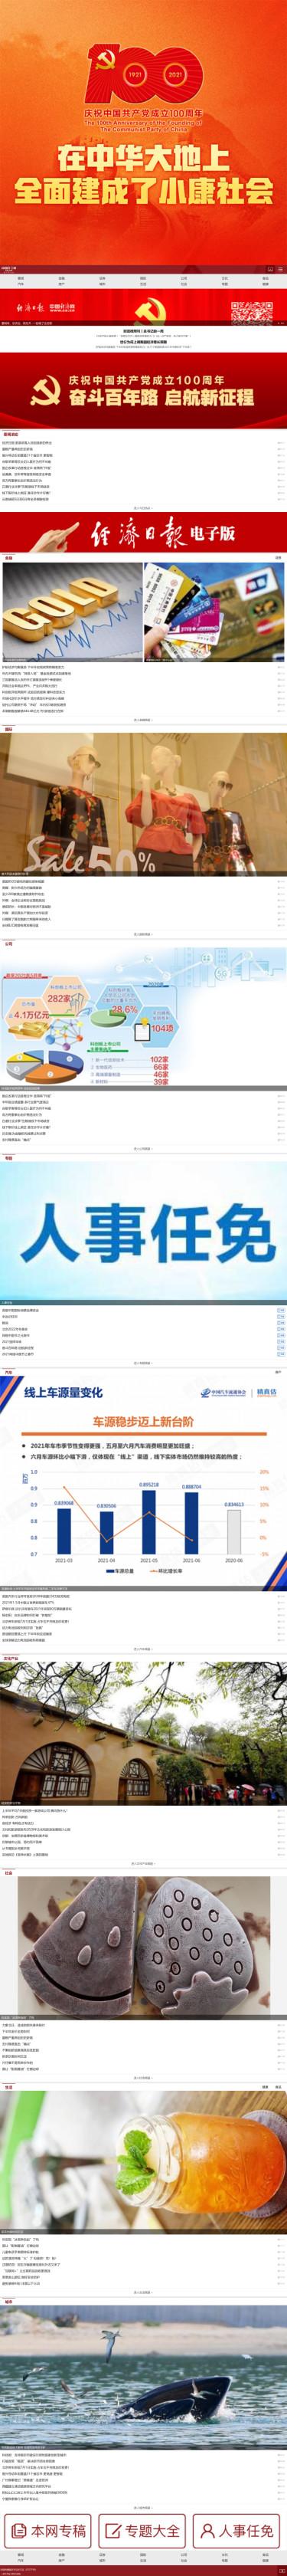 中国经济网 - 国家经济门户